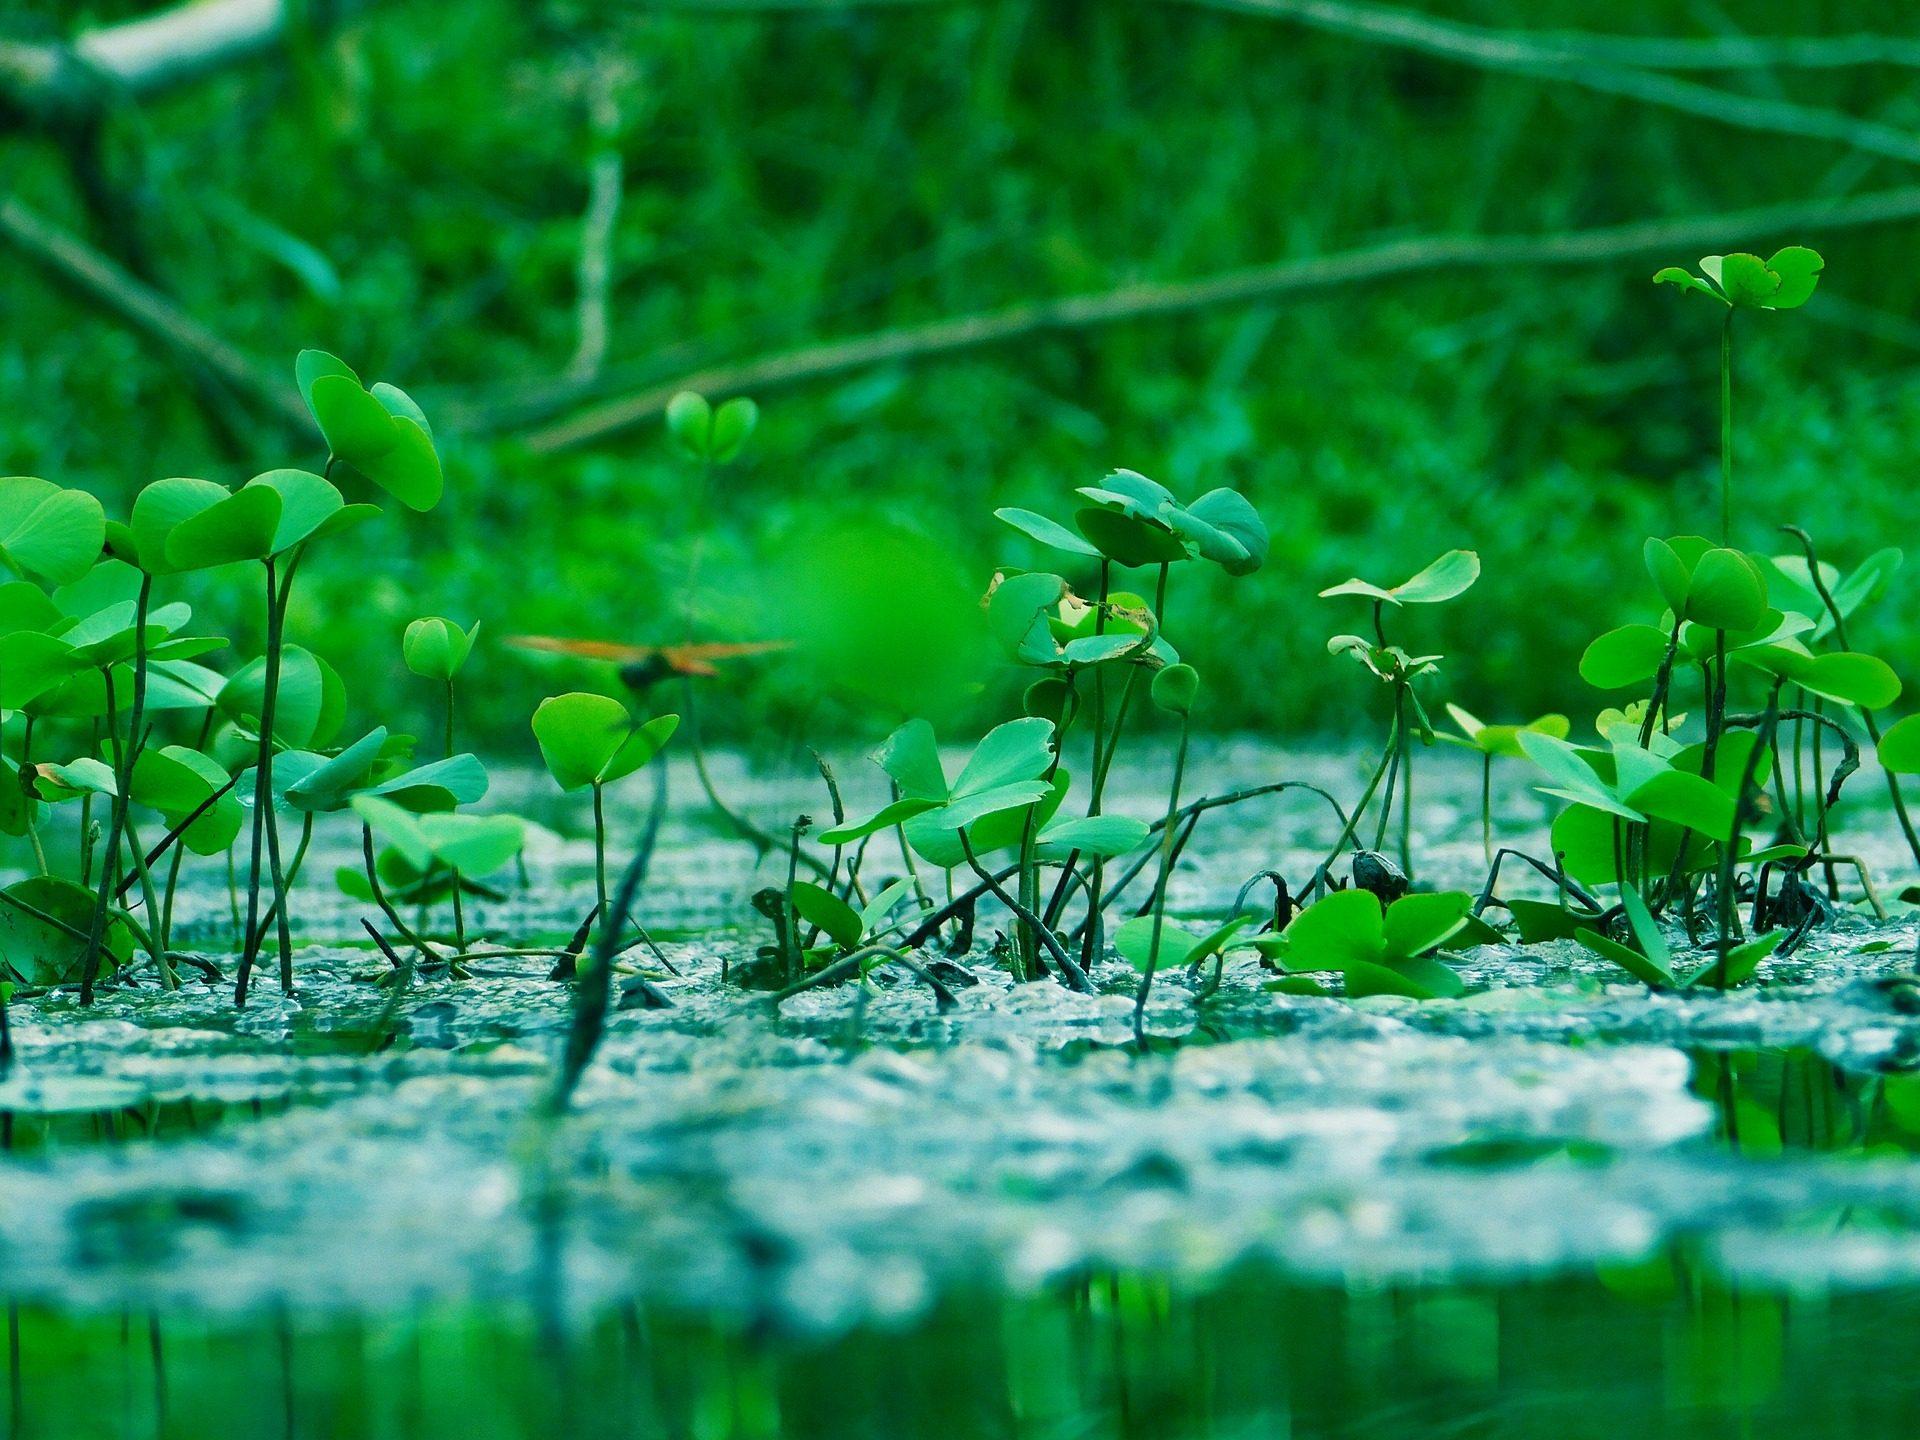 प्रकोपों, पत्ते, संयंत्रों, नदी, Laguna, पानी - HD वॉलपेपर - प्रोफेसर-falken.com